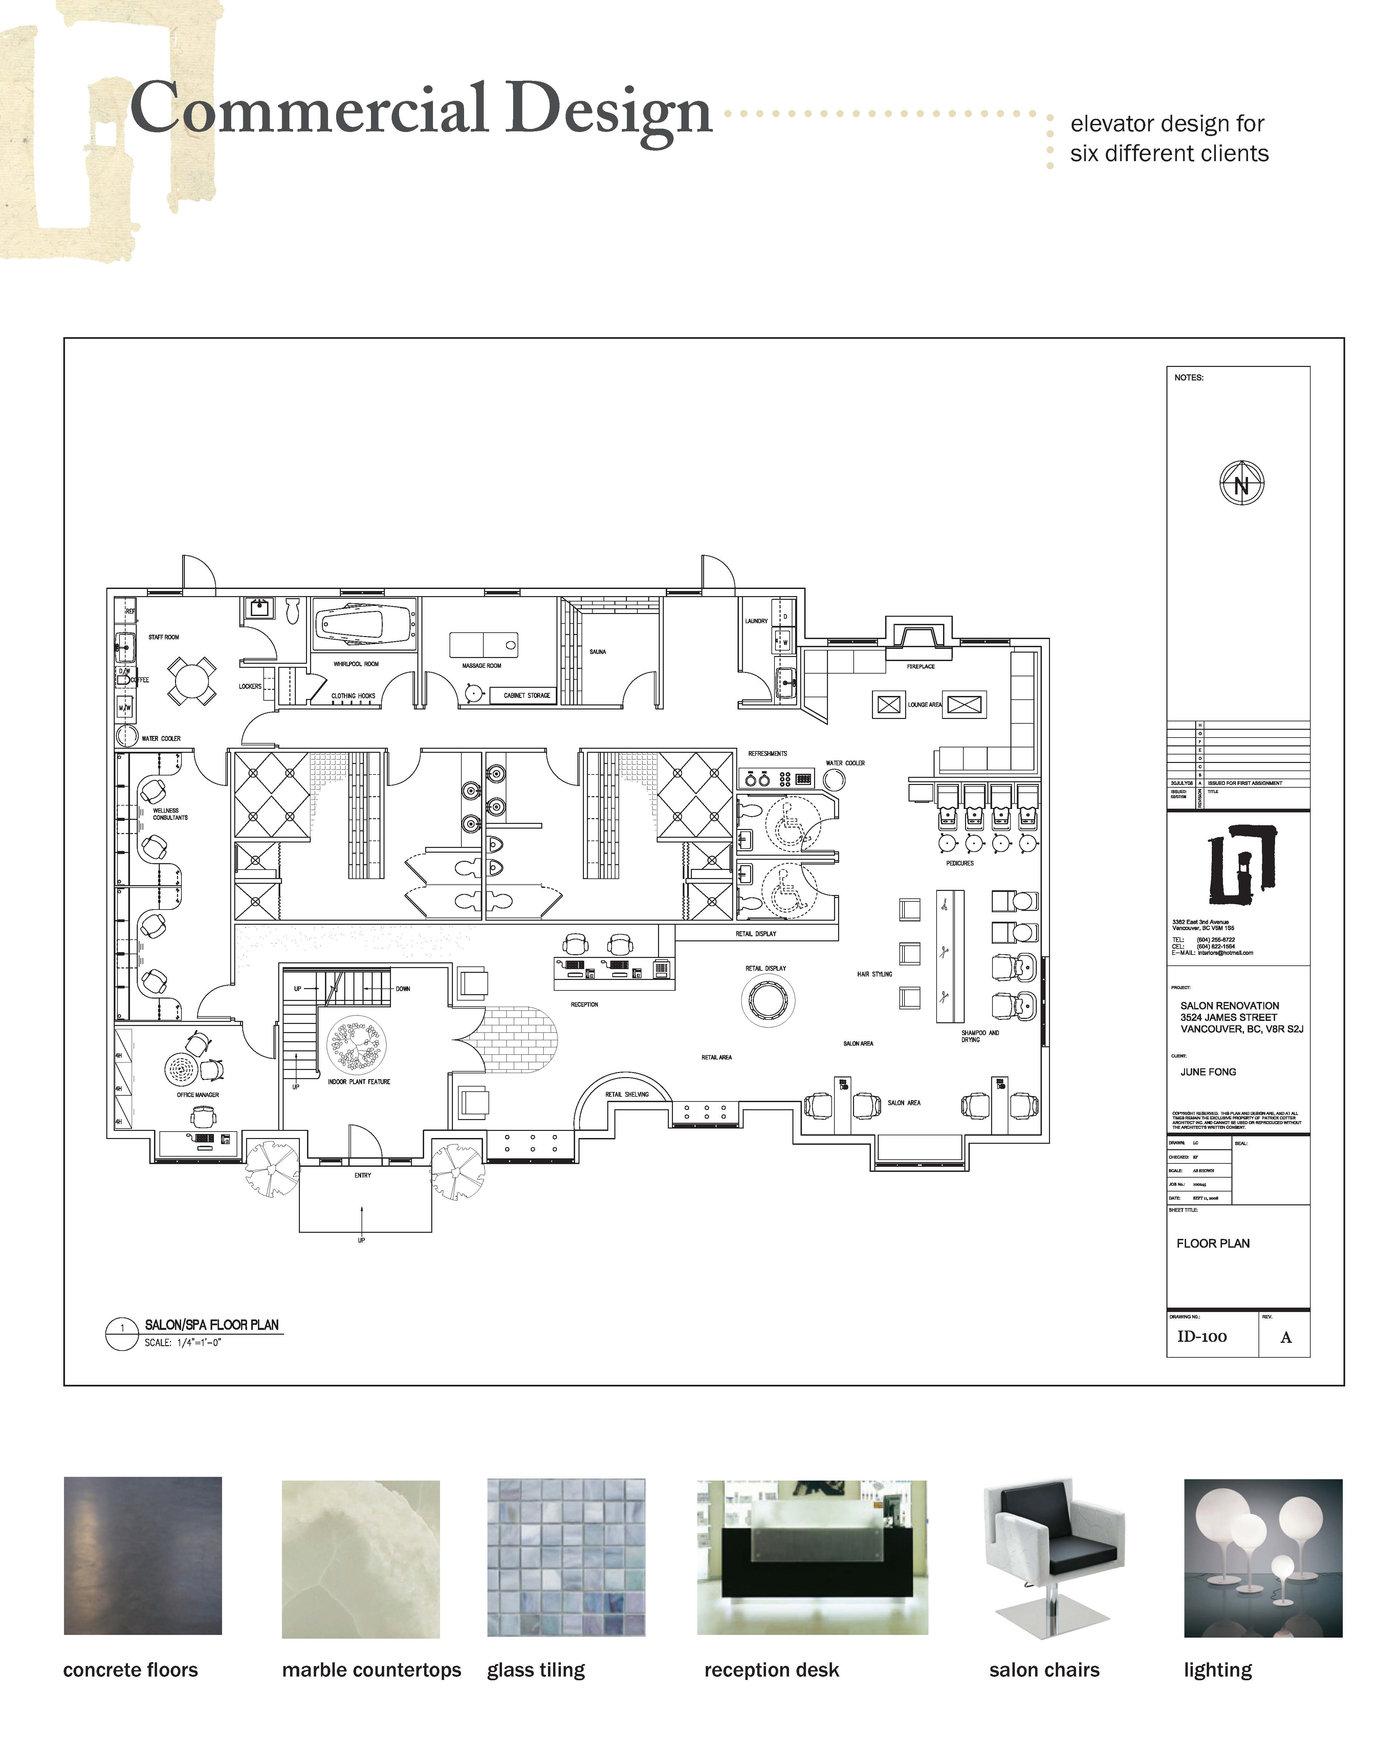 Floor plan auditor cover letter